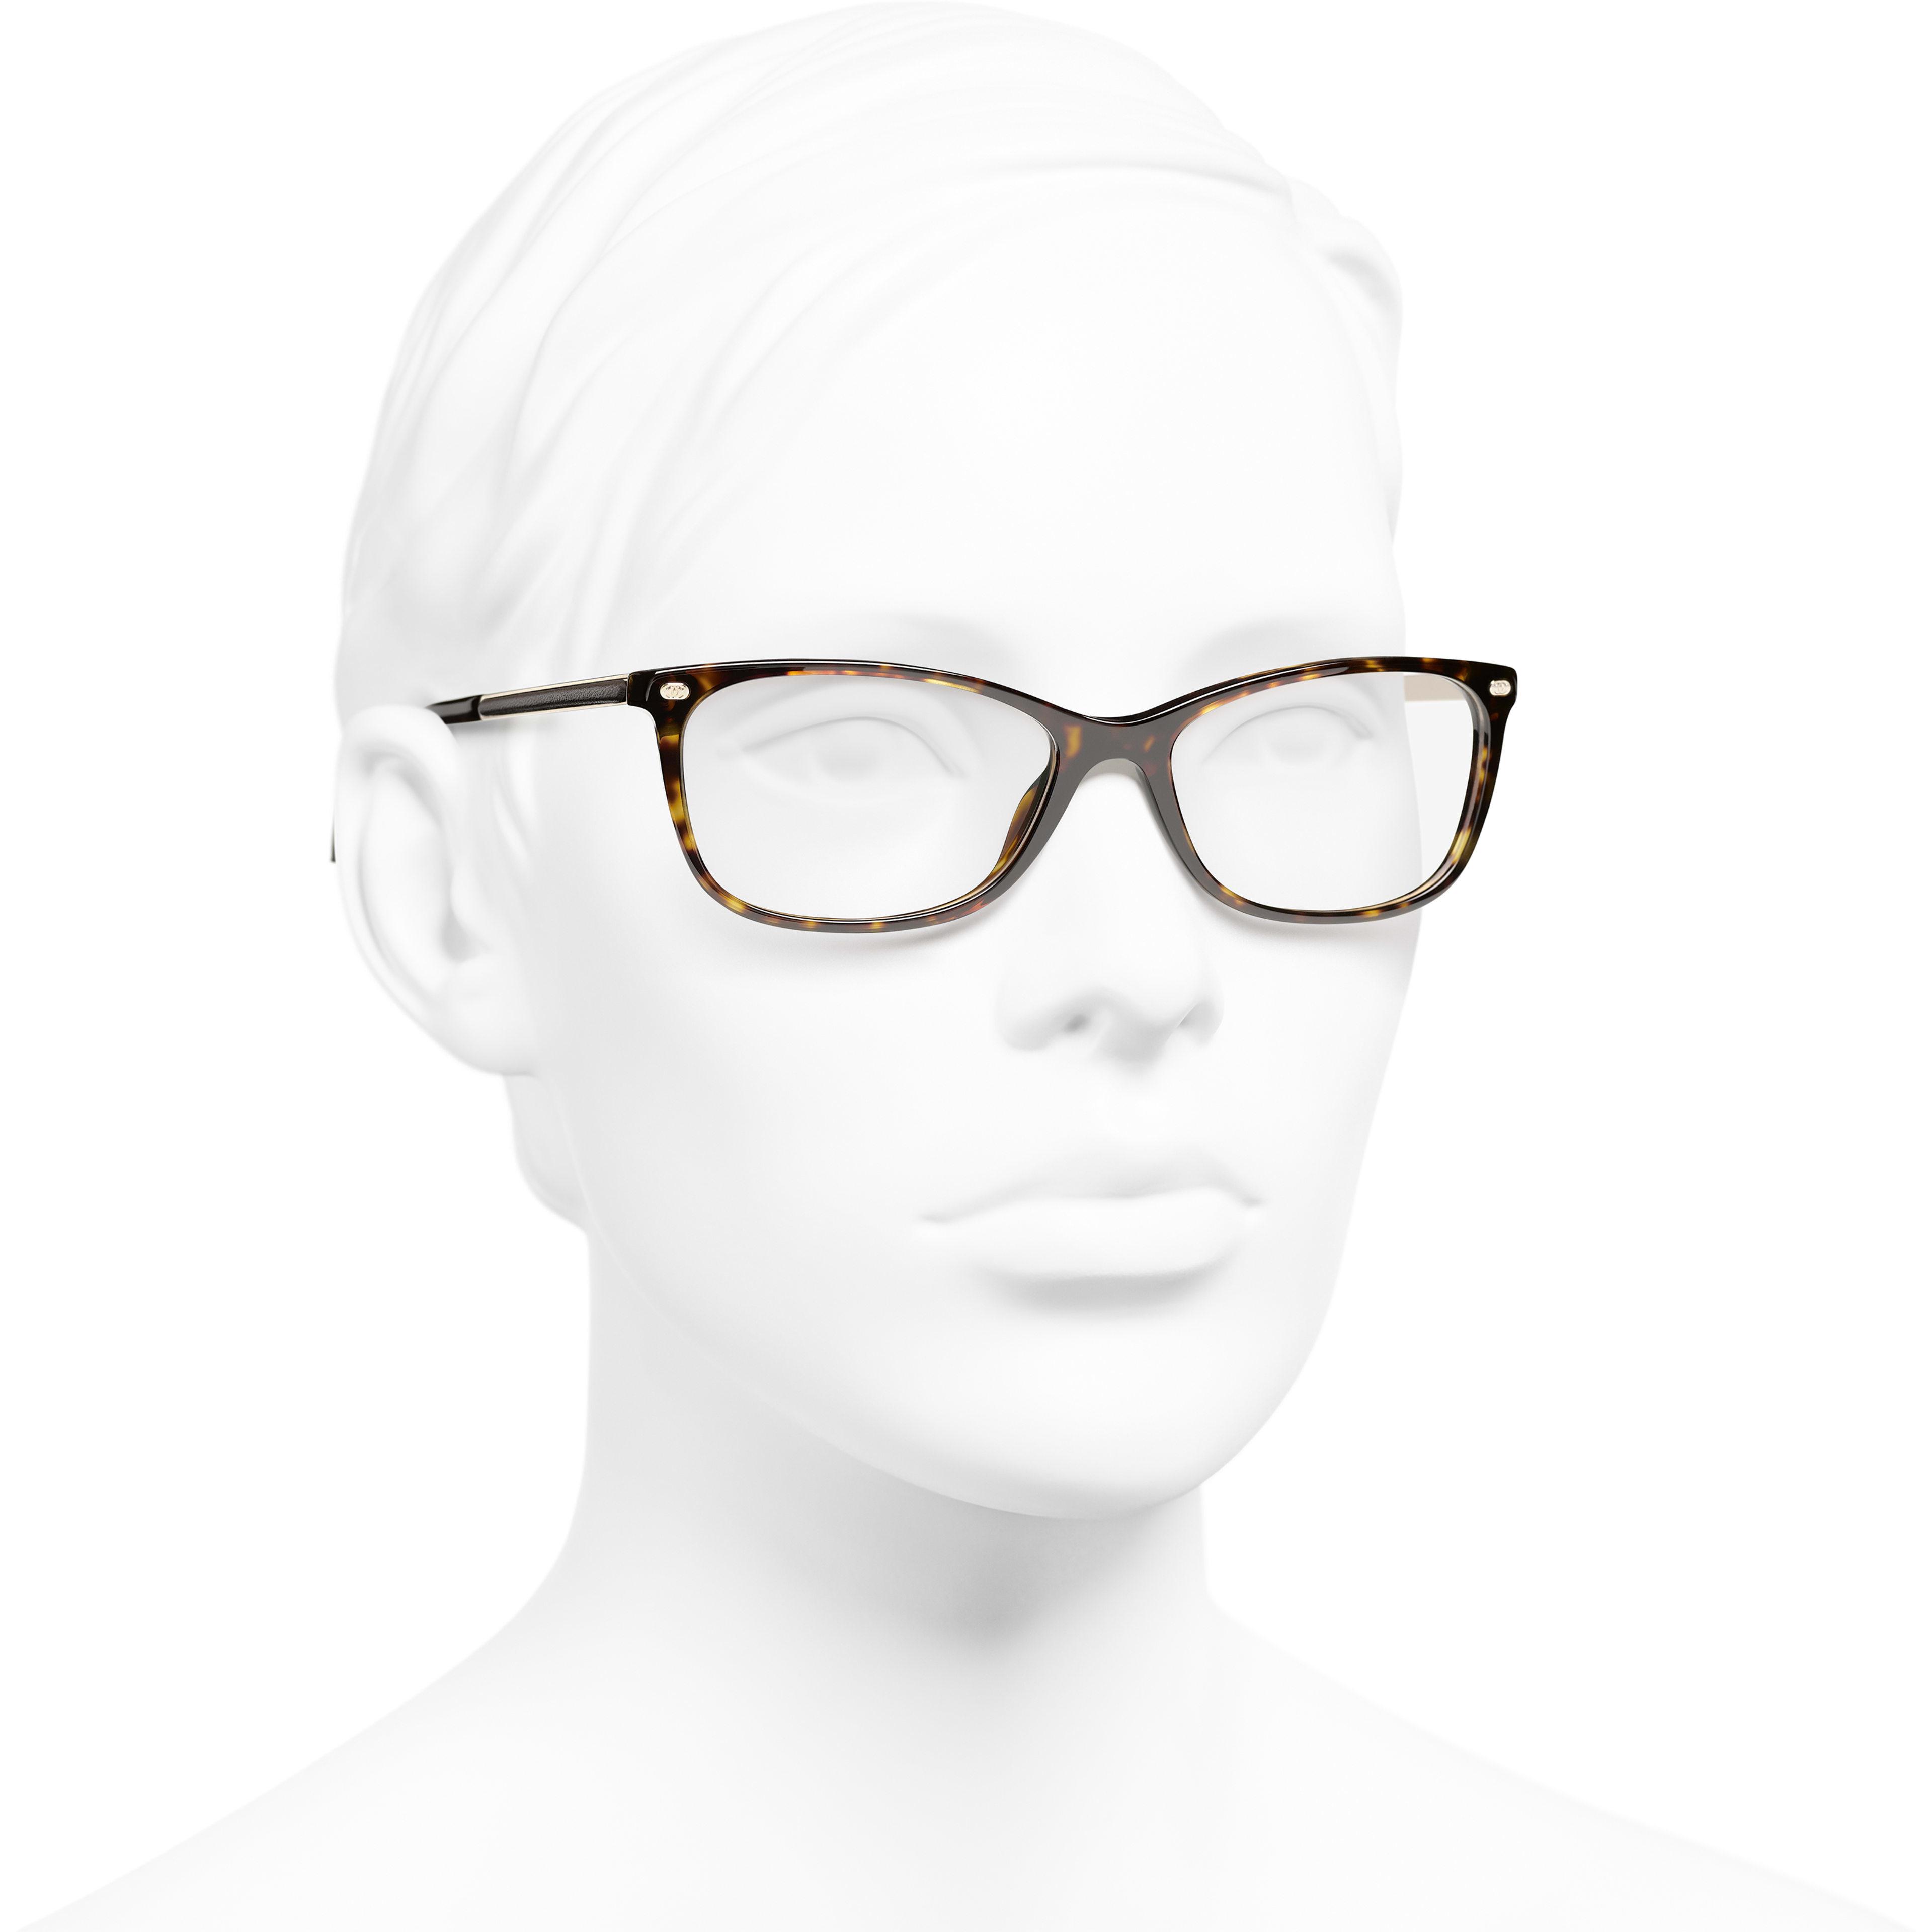 方型眼鏡 - 深玳瑁 - 高級樹脂與小牛皮 - CHANEL - 配戴時的3/4側面視圖 - 查看標準尺寸版本